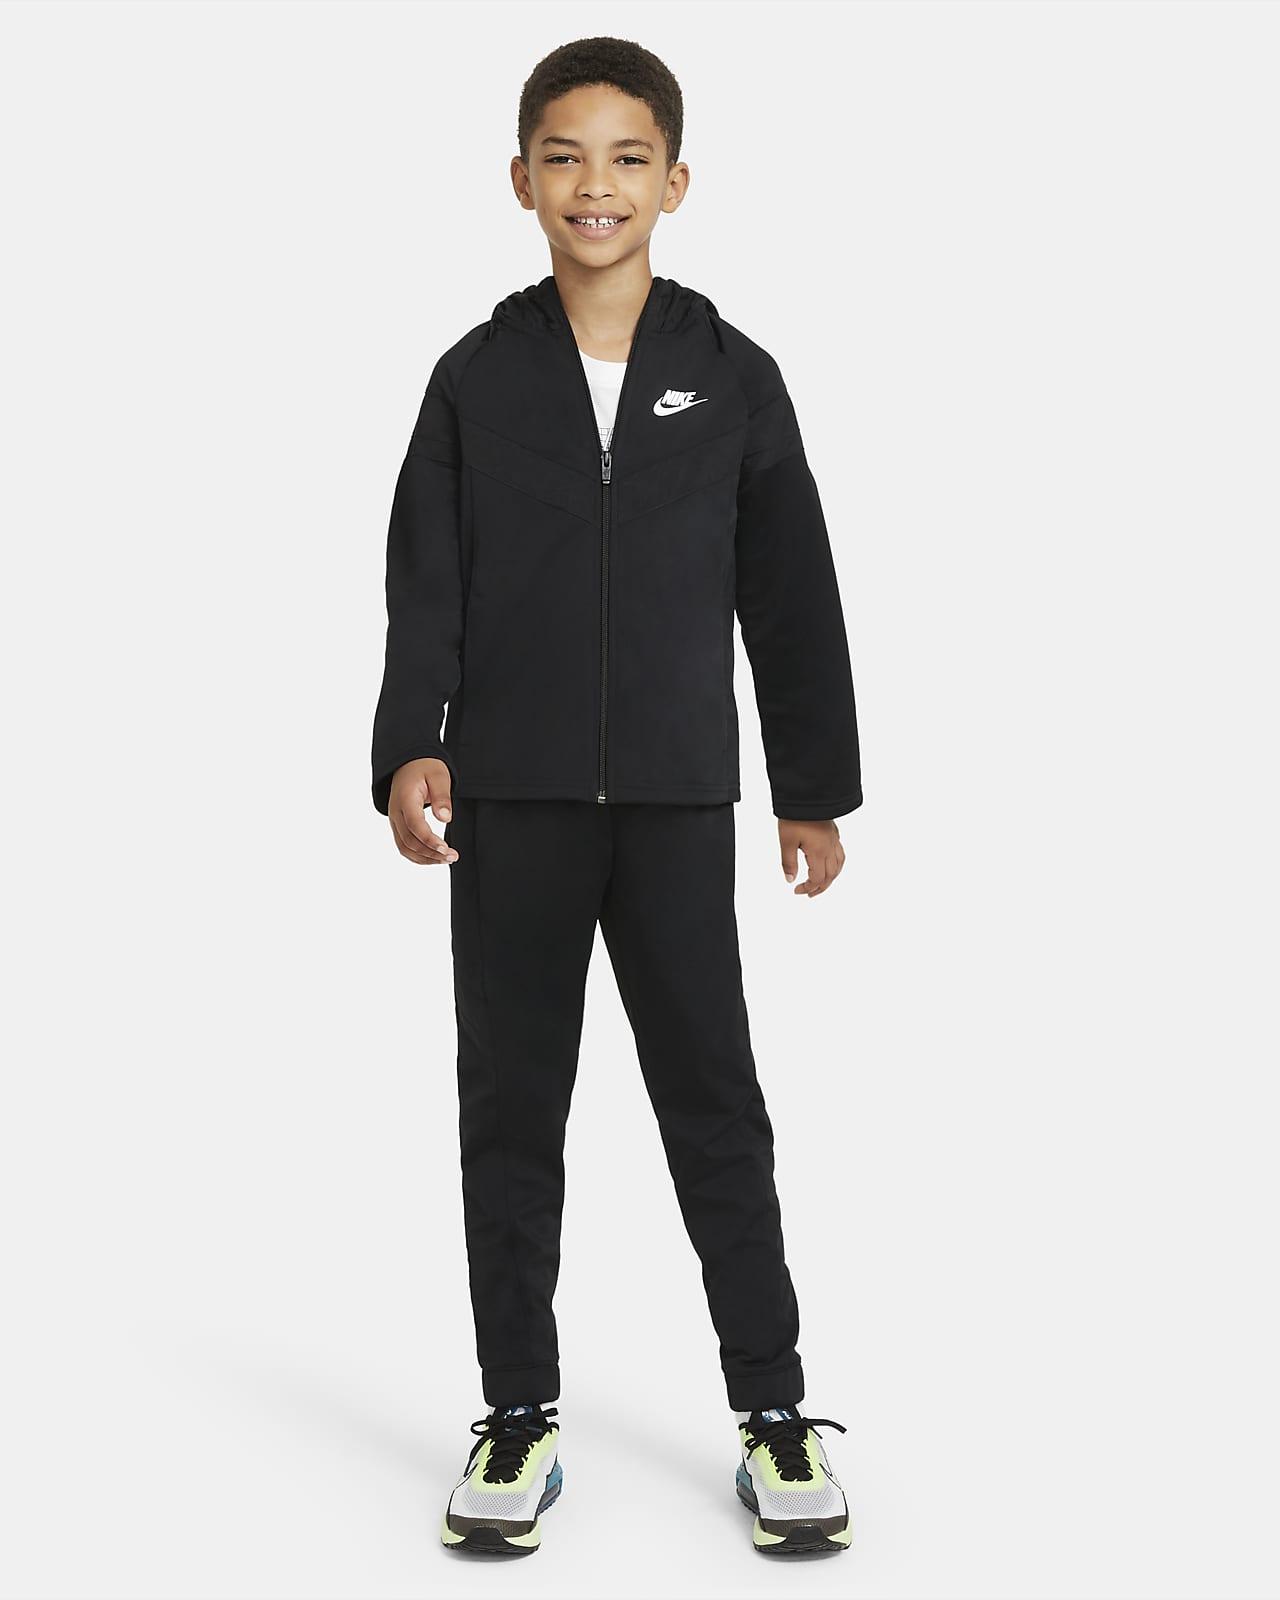 Nike Sportswear Genç Çocuk (Erkek) Eşofmanı